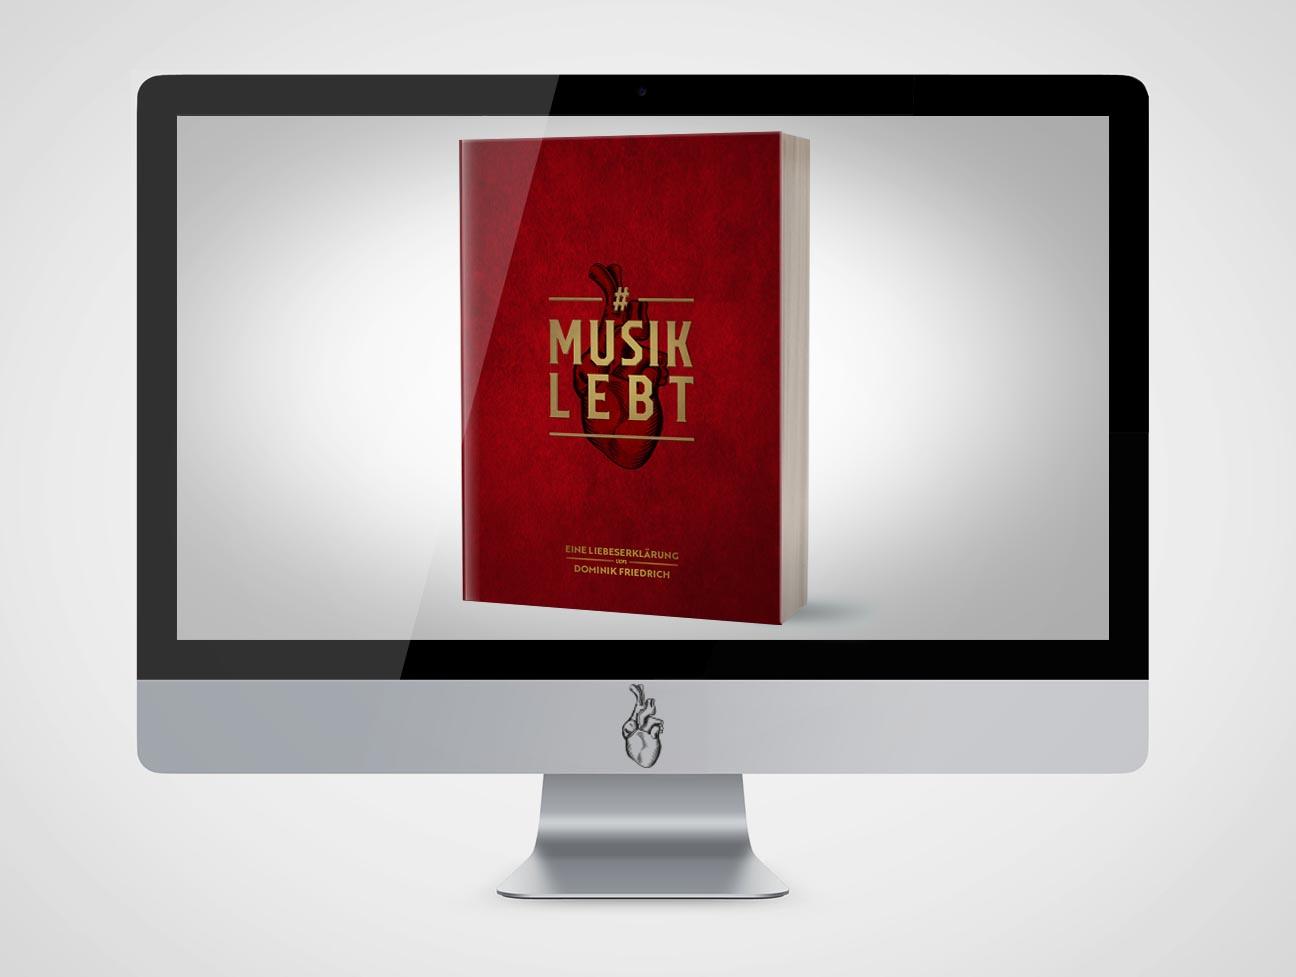 Musik lebt –eine Liebeserklärung von Dominik Friedrich